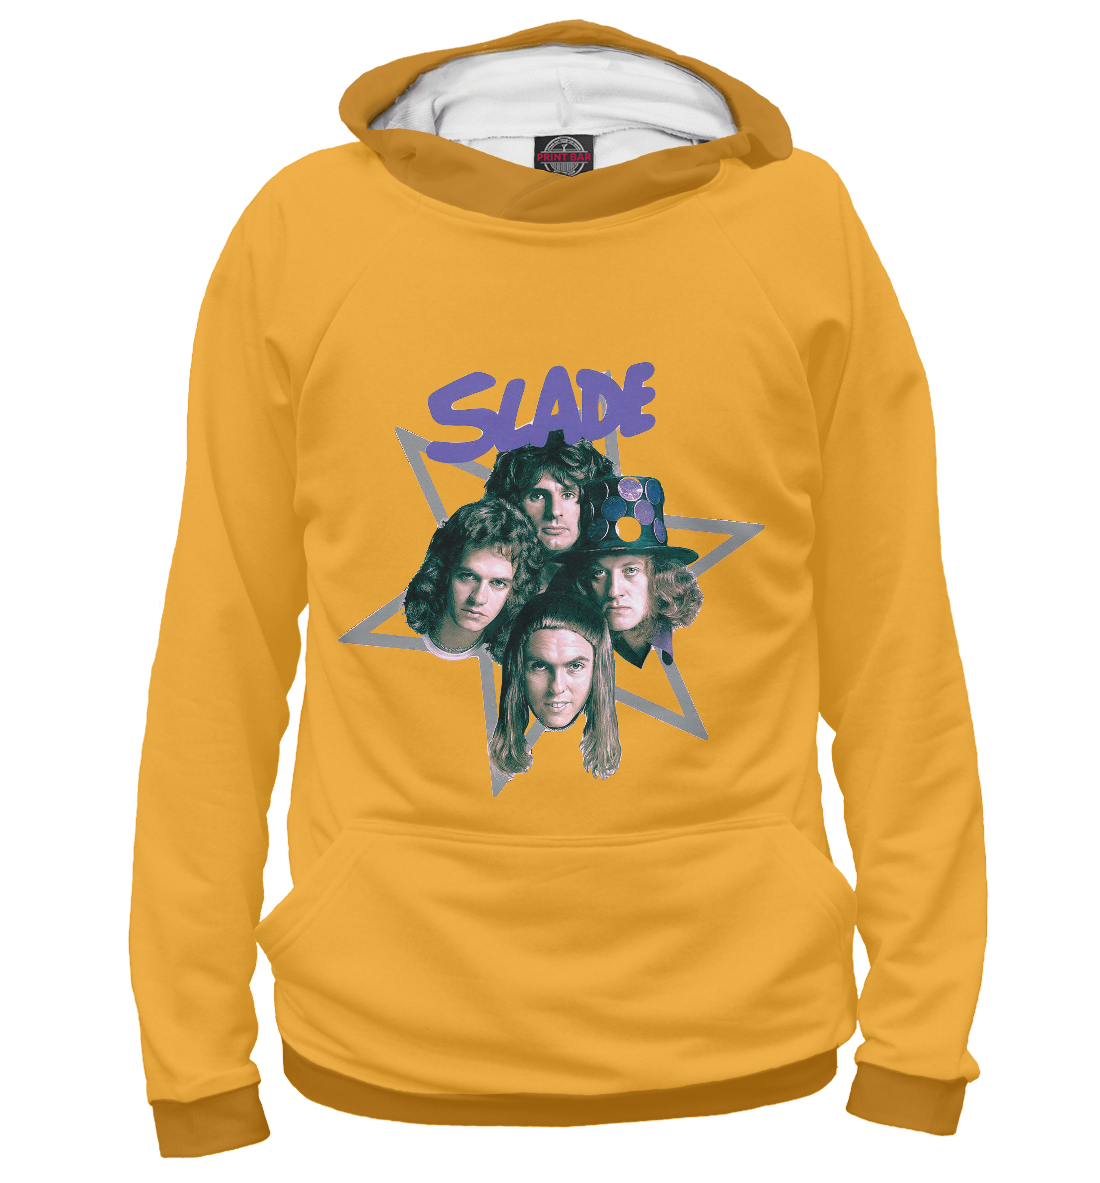 Slade недорого